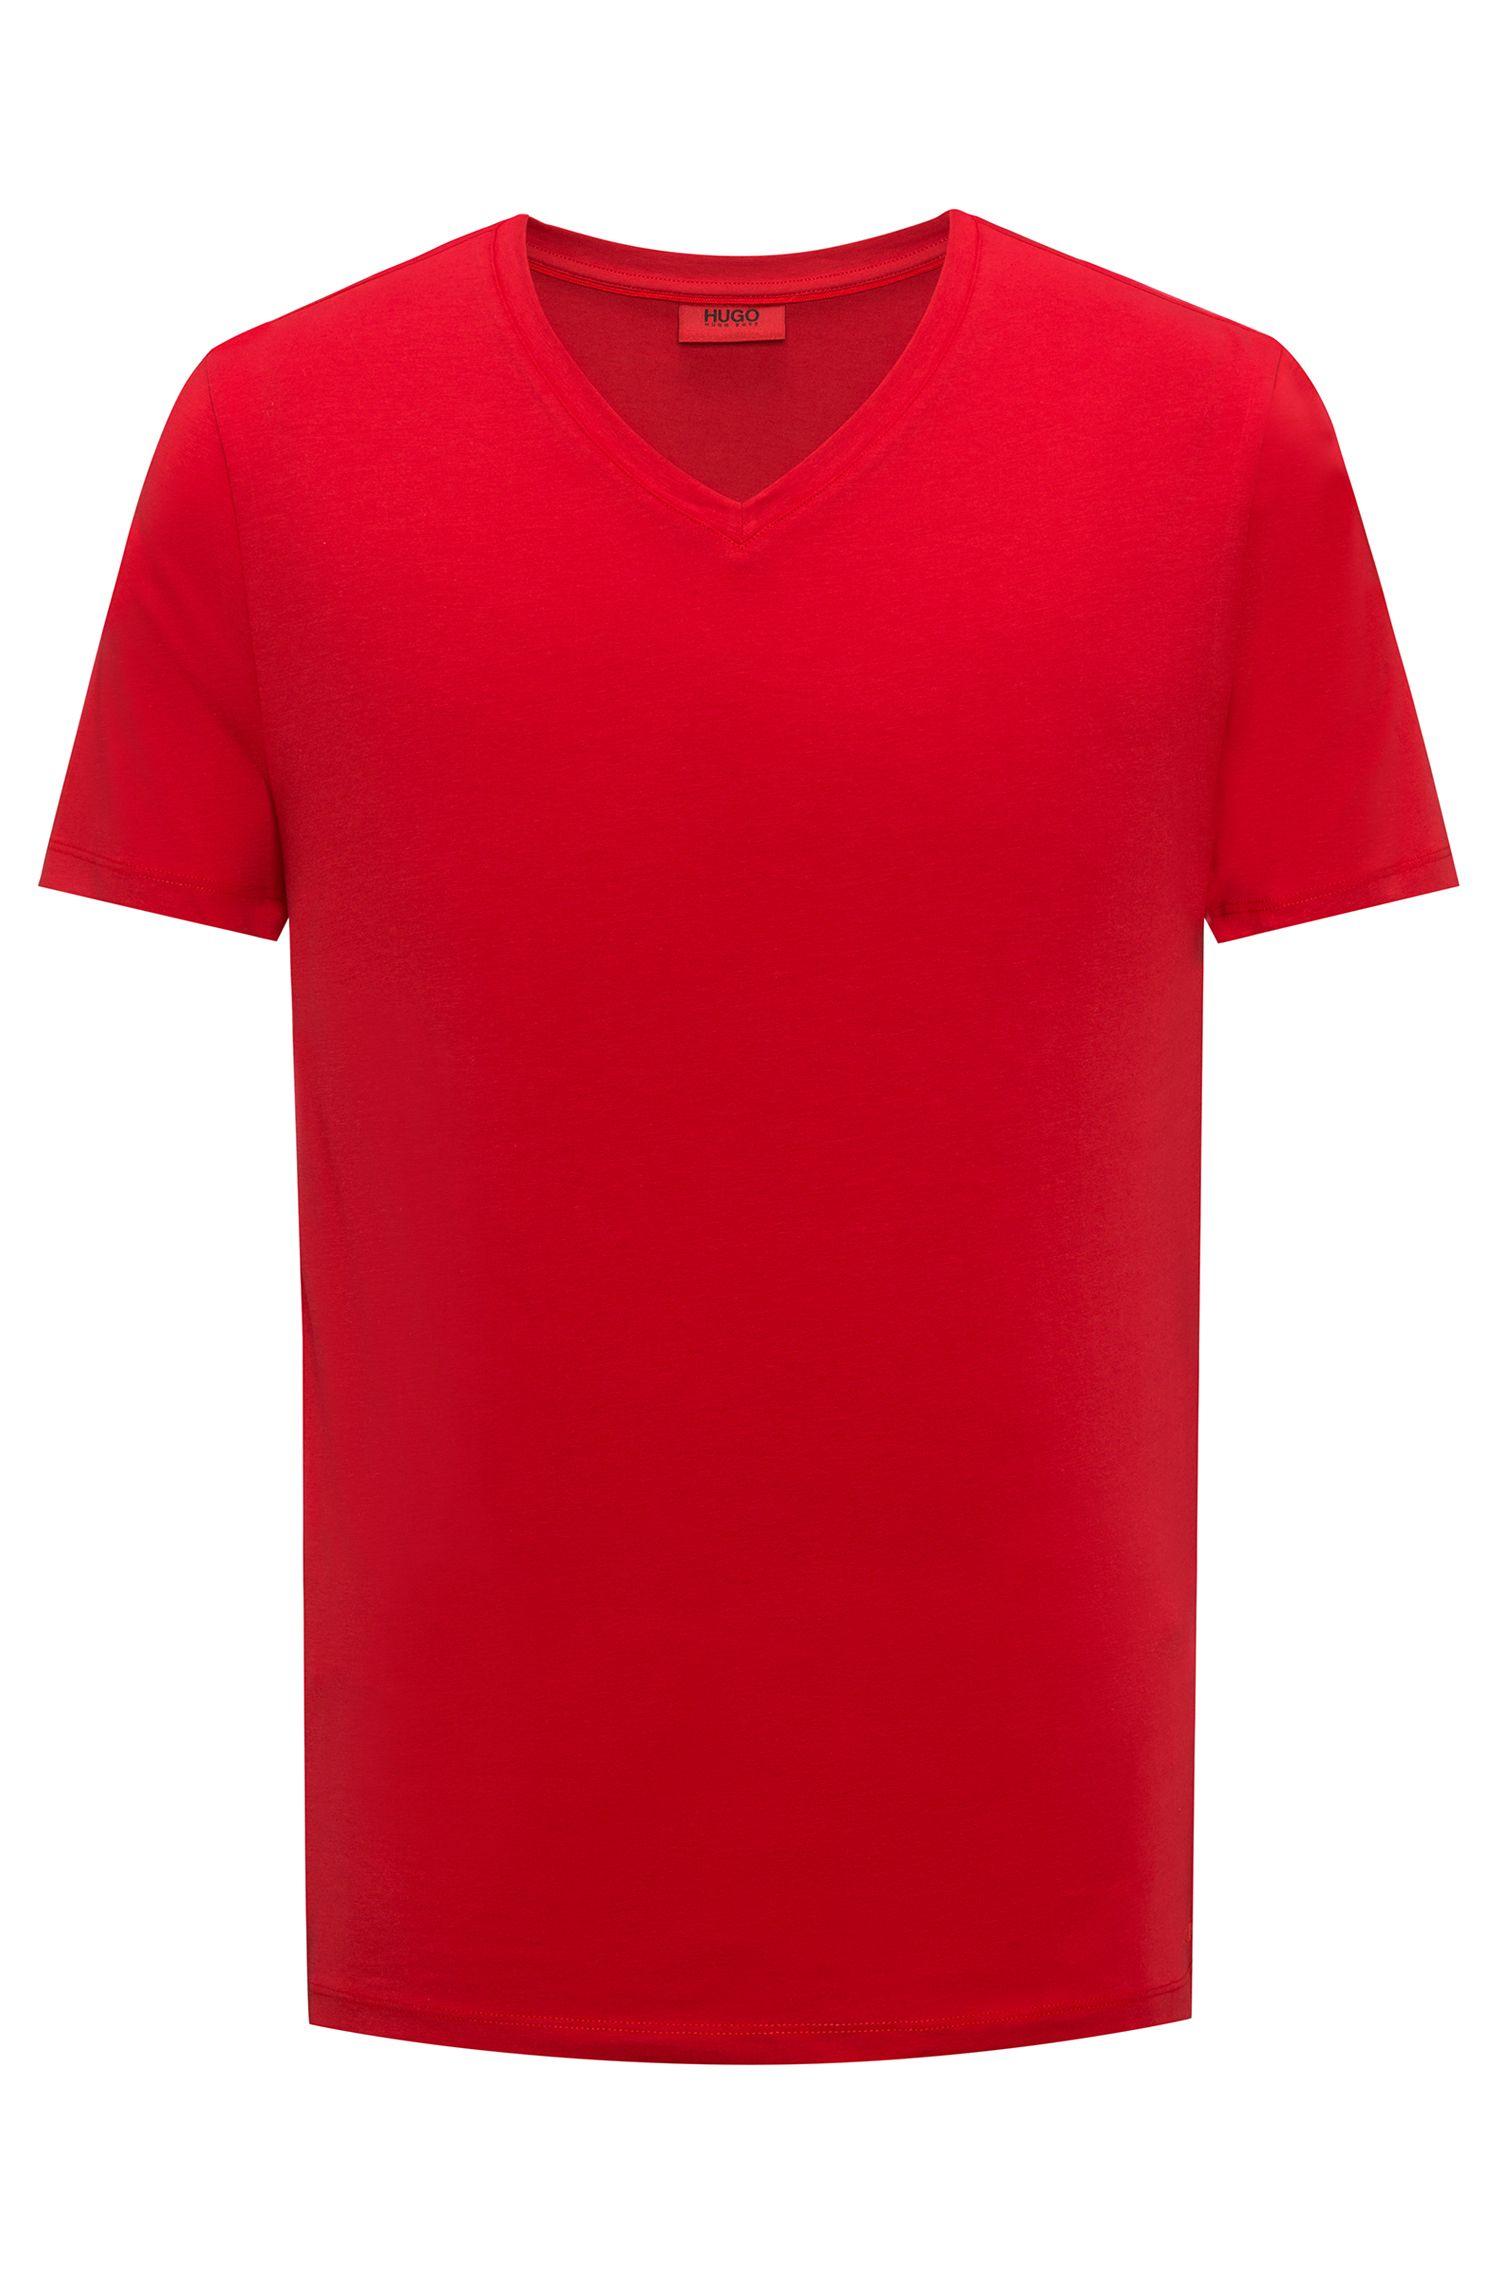 T-shirt con scollo a V in jersey di cotone elasticizzato